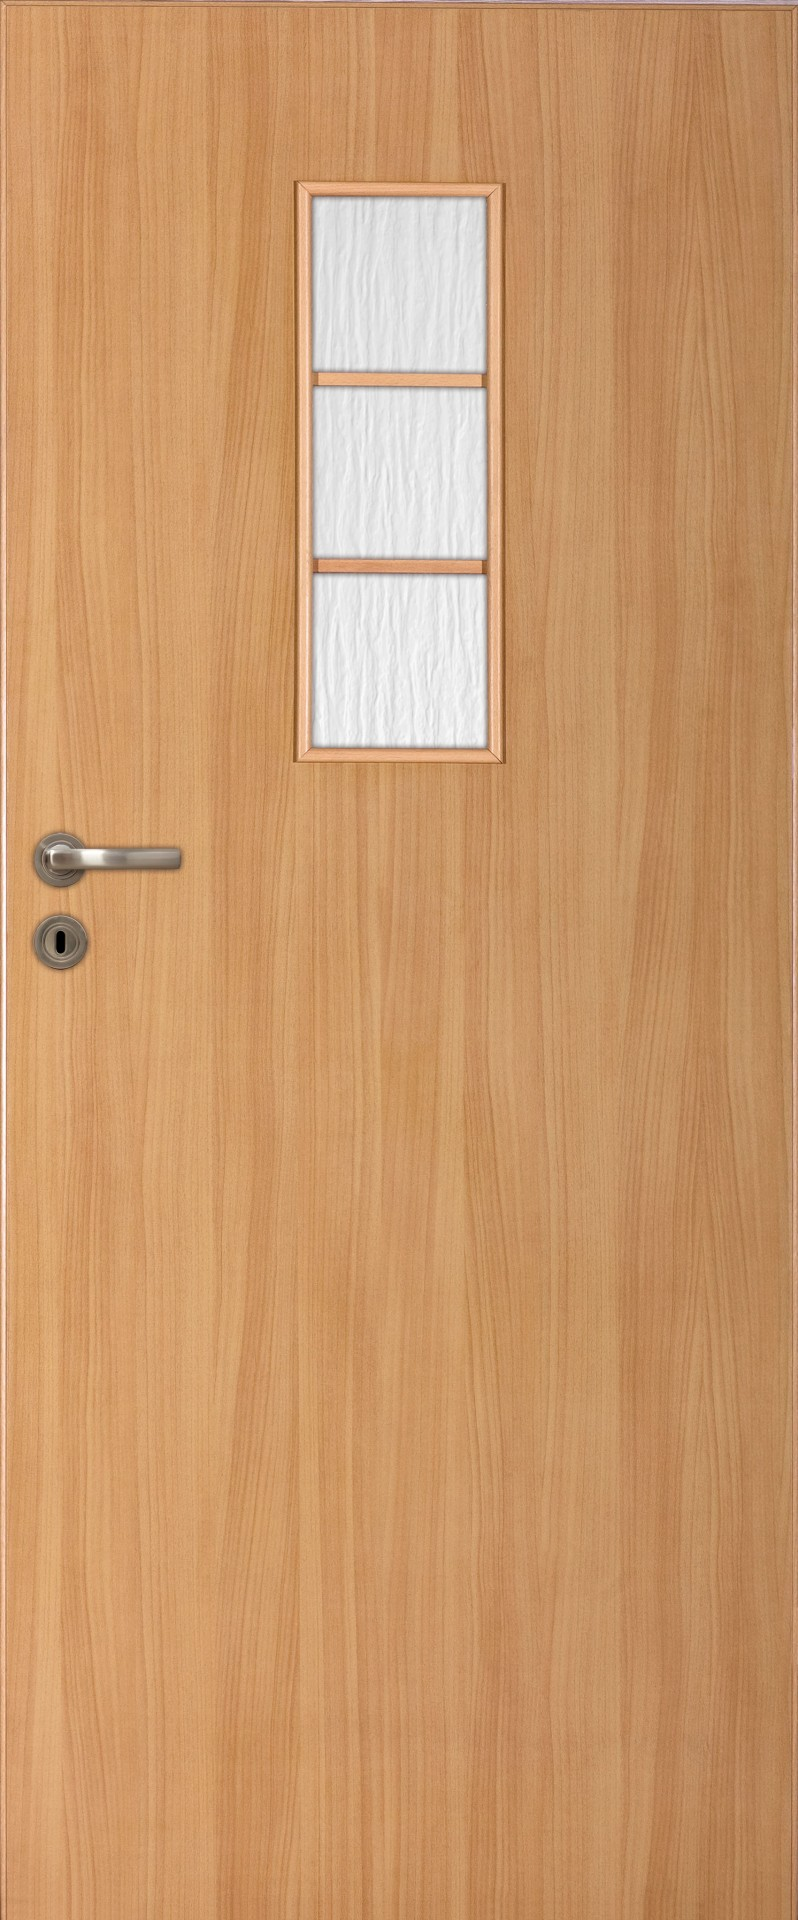 Dre dveře Lack 50s, Šíře v cm 90